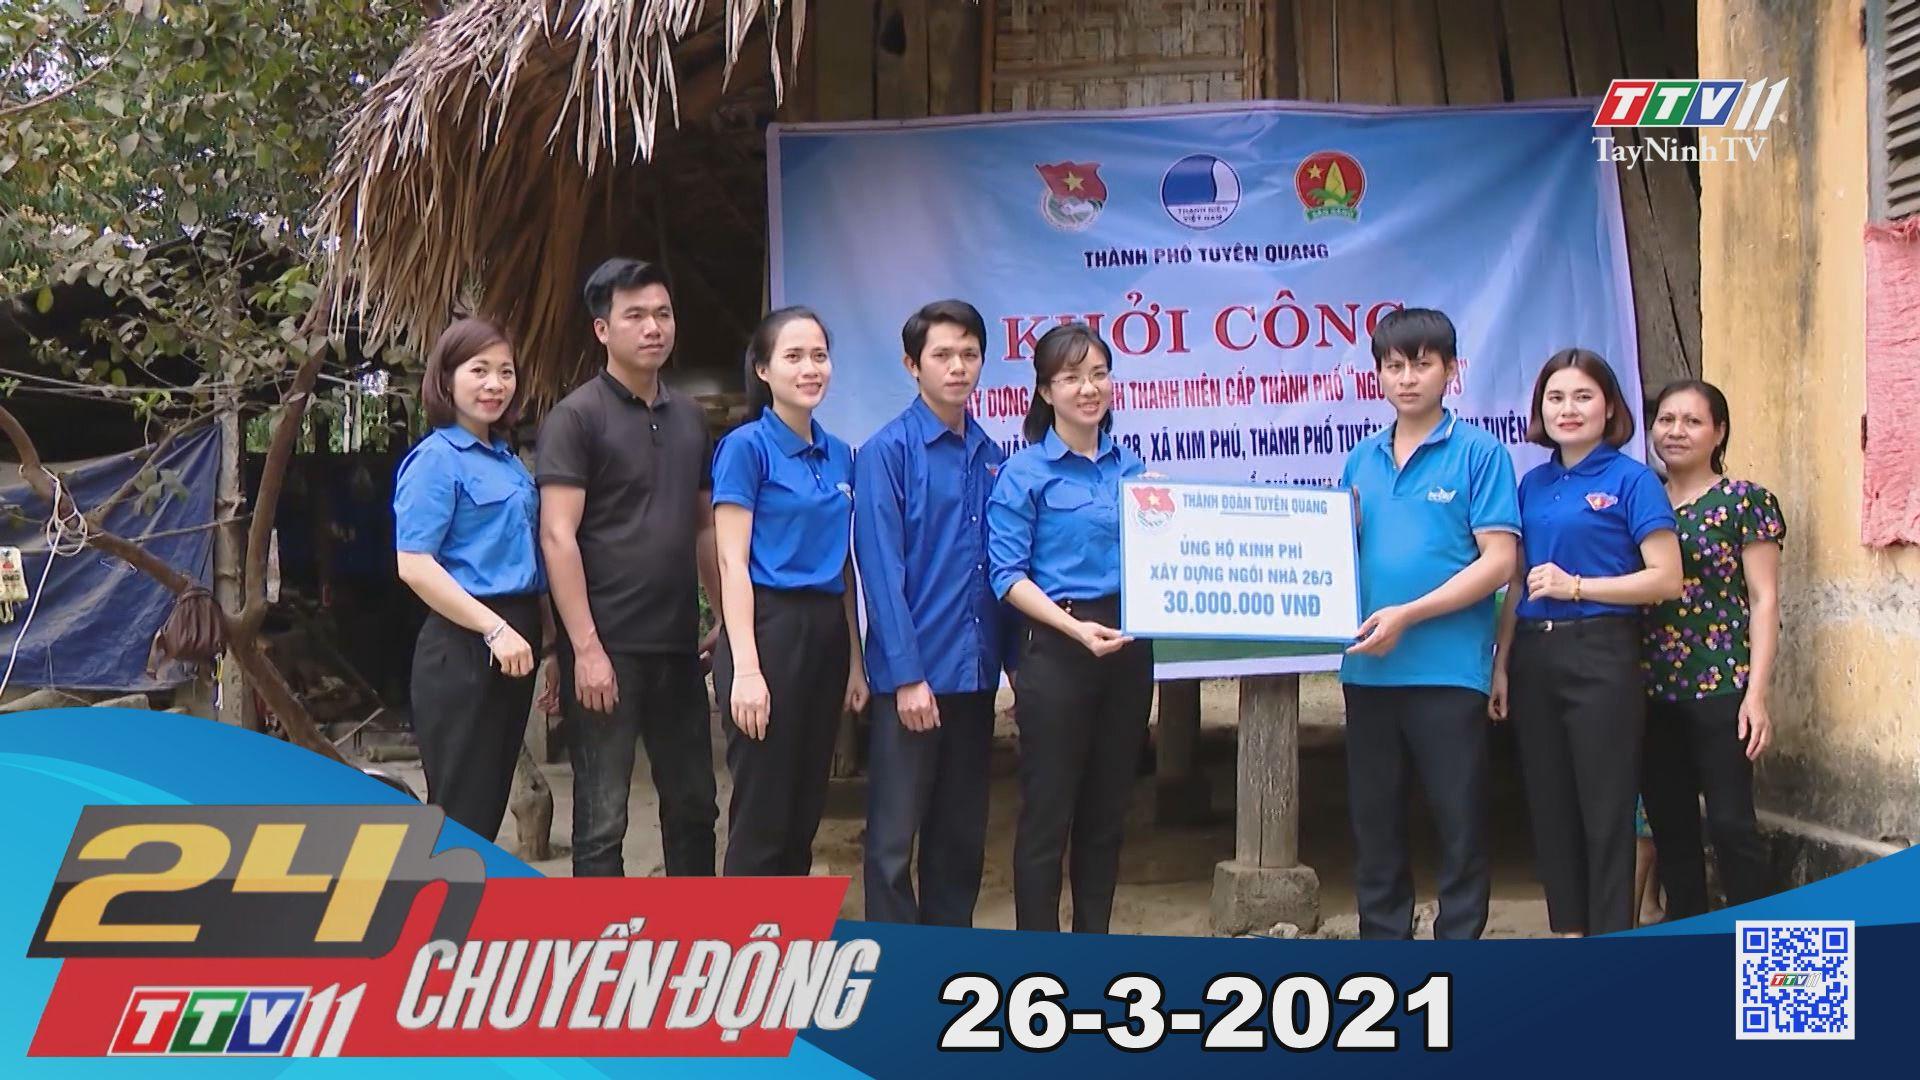 24h Chuyển động 26-3-2021 | Tin tức hôm nay | TayNinhTV